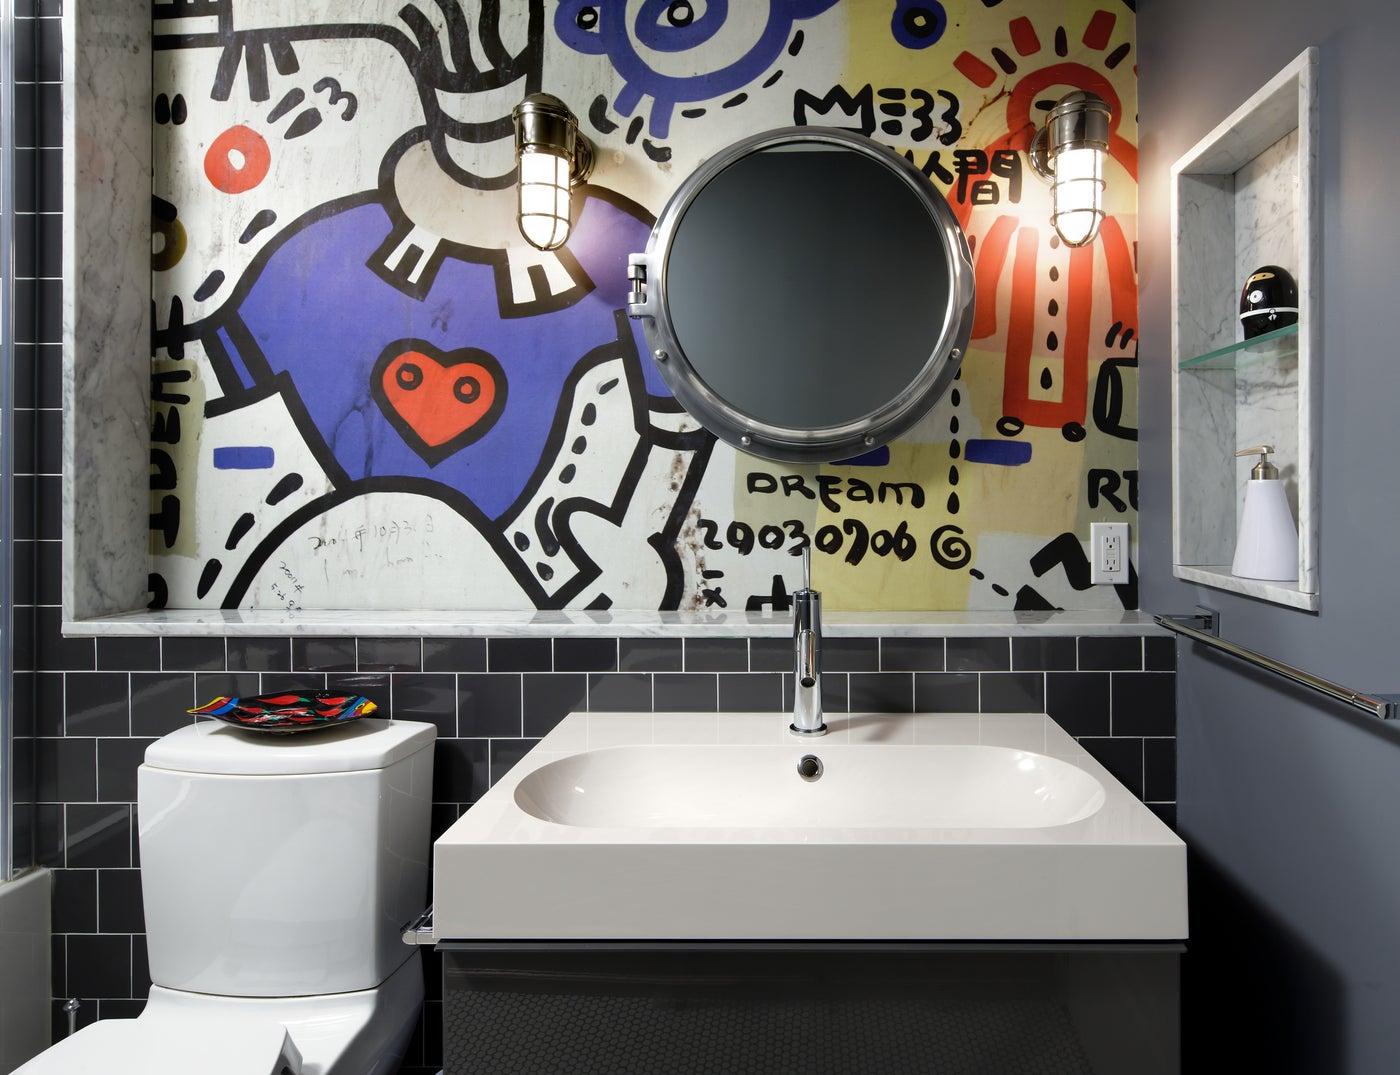 baño con decoración de arte urbano